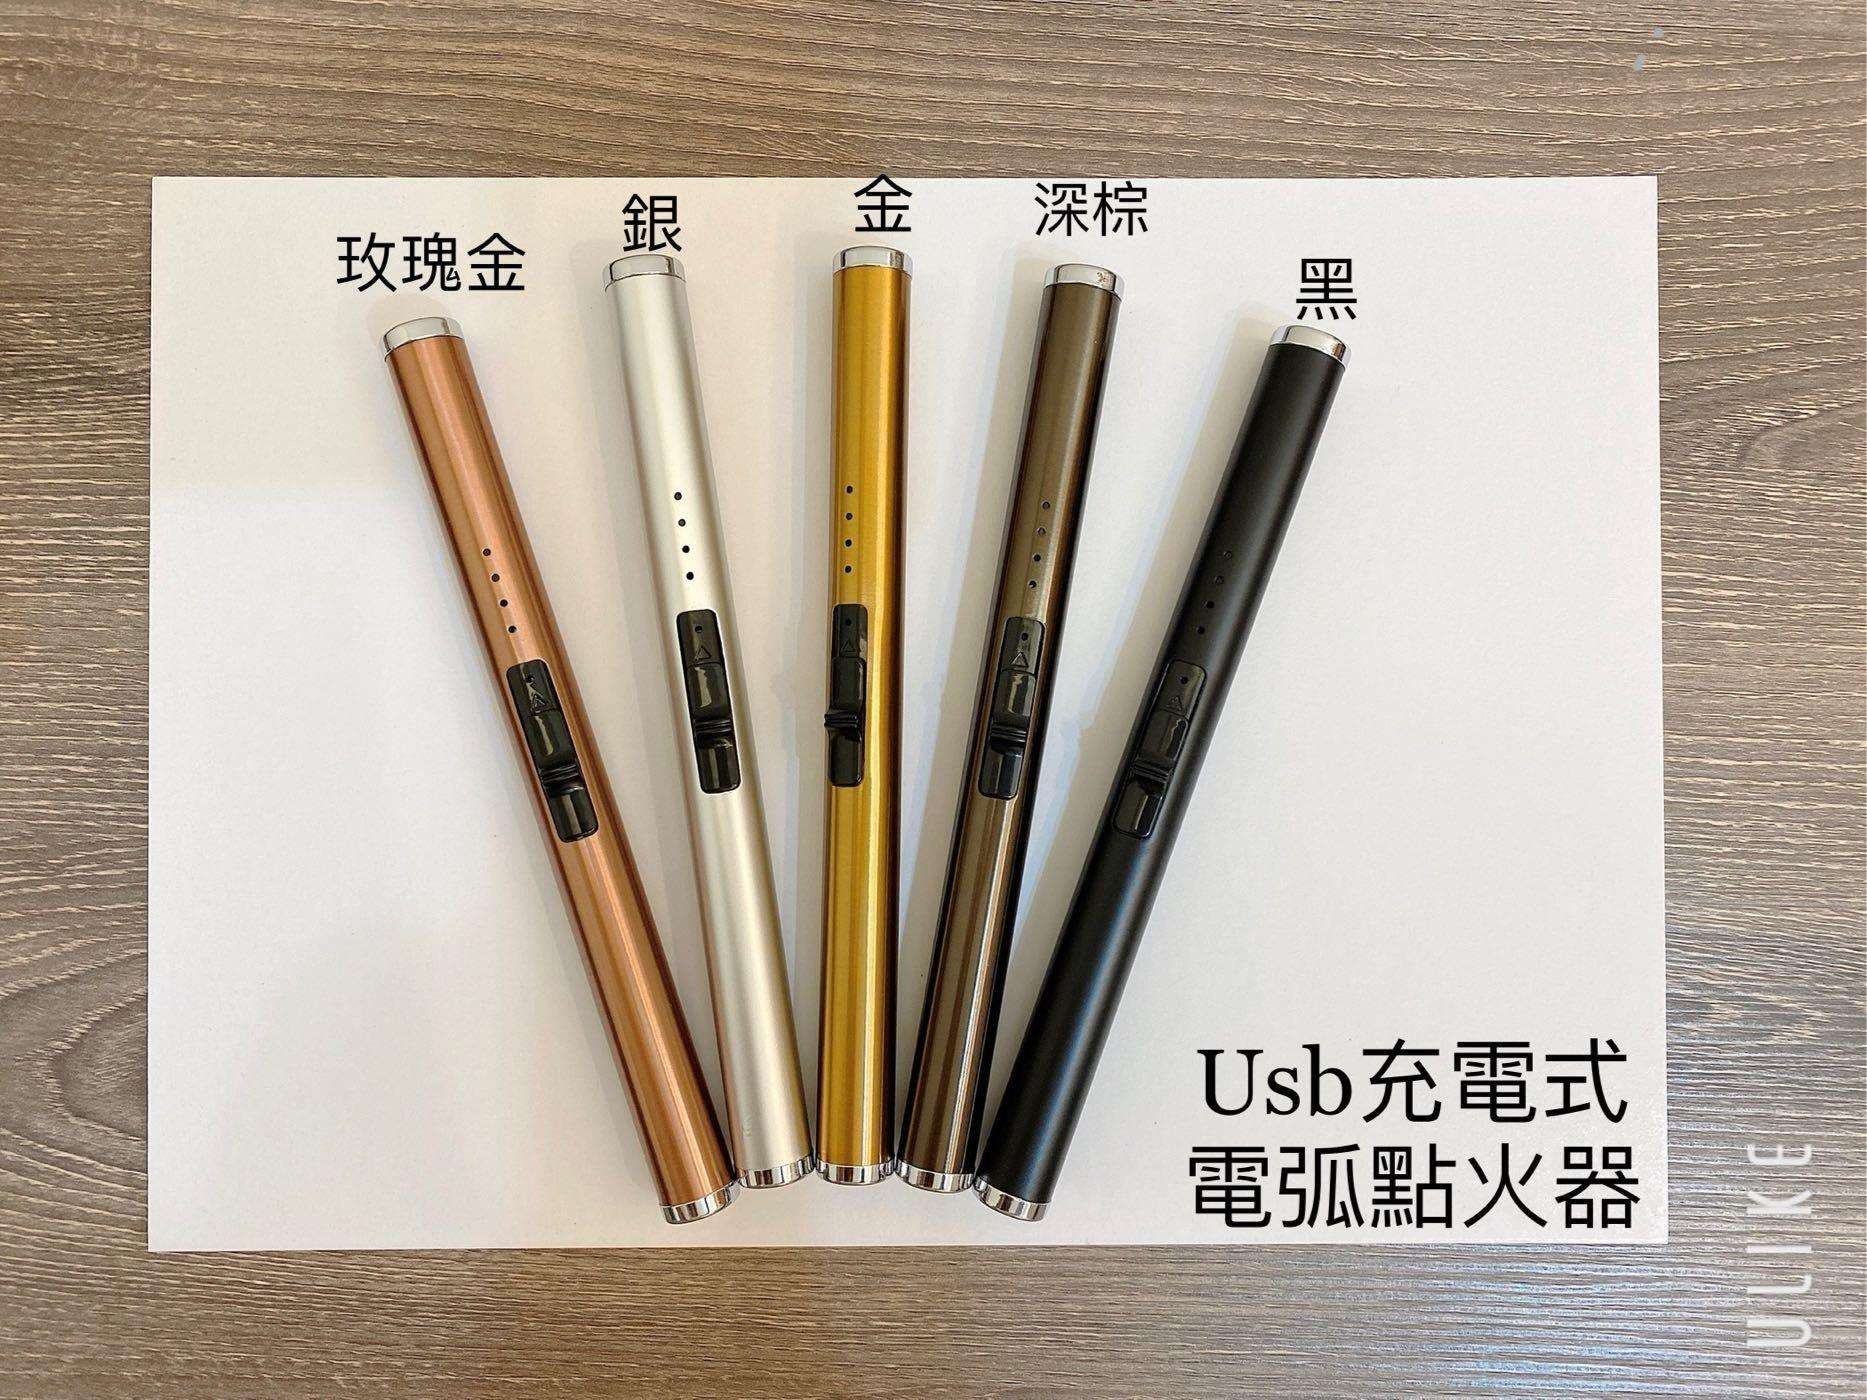 【現貨】USB充電點火器 不鏽鋼脈衝打火機 電弧打火機 電弧點火器 香薰蠟燭點火器